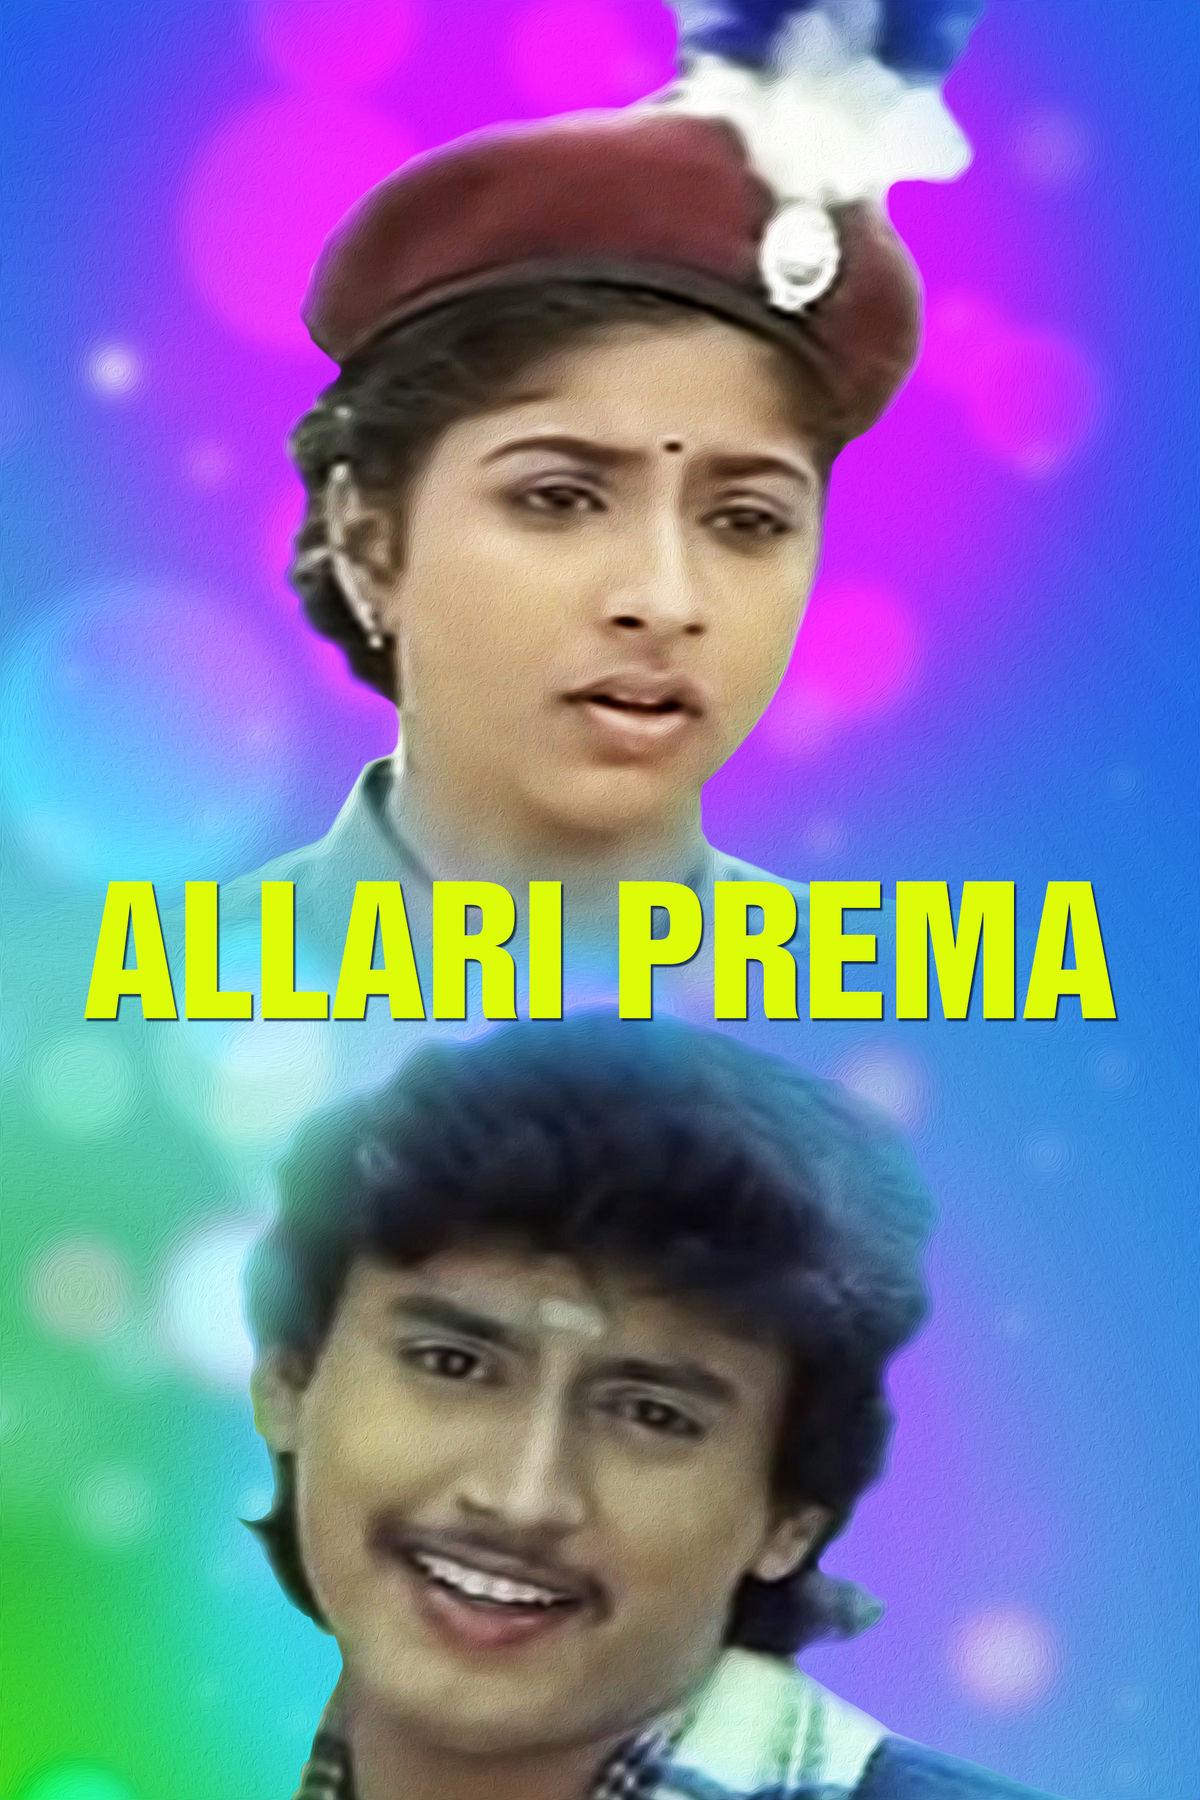 Allari Prema